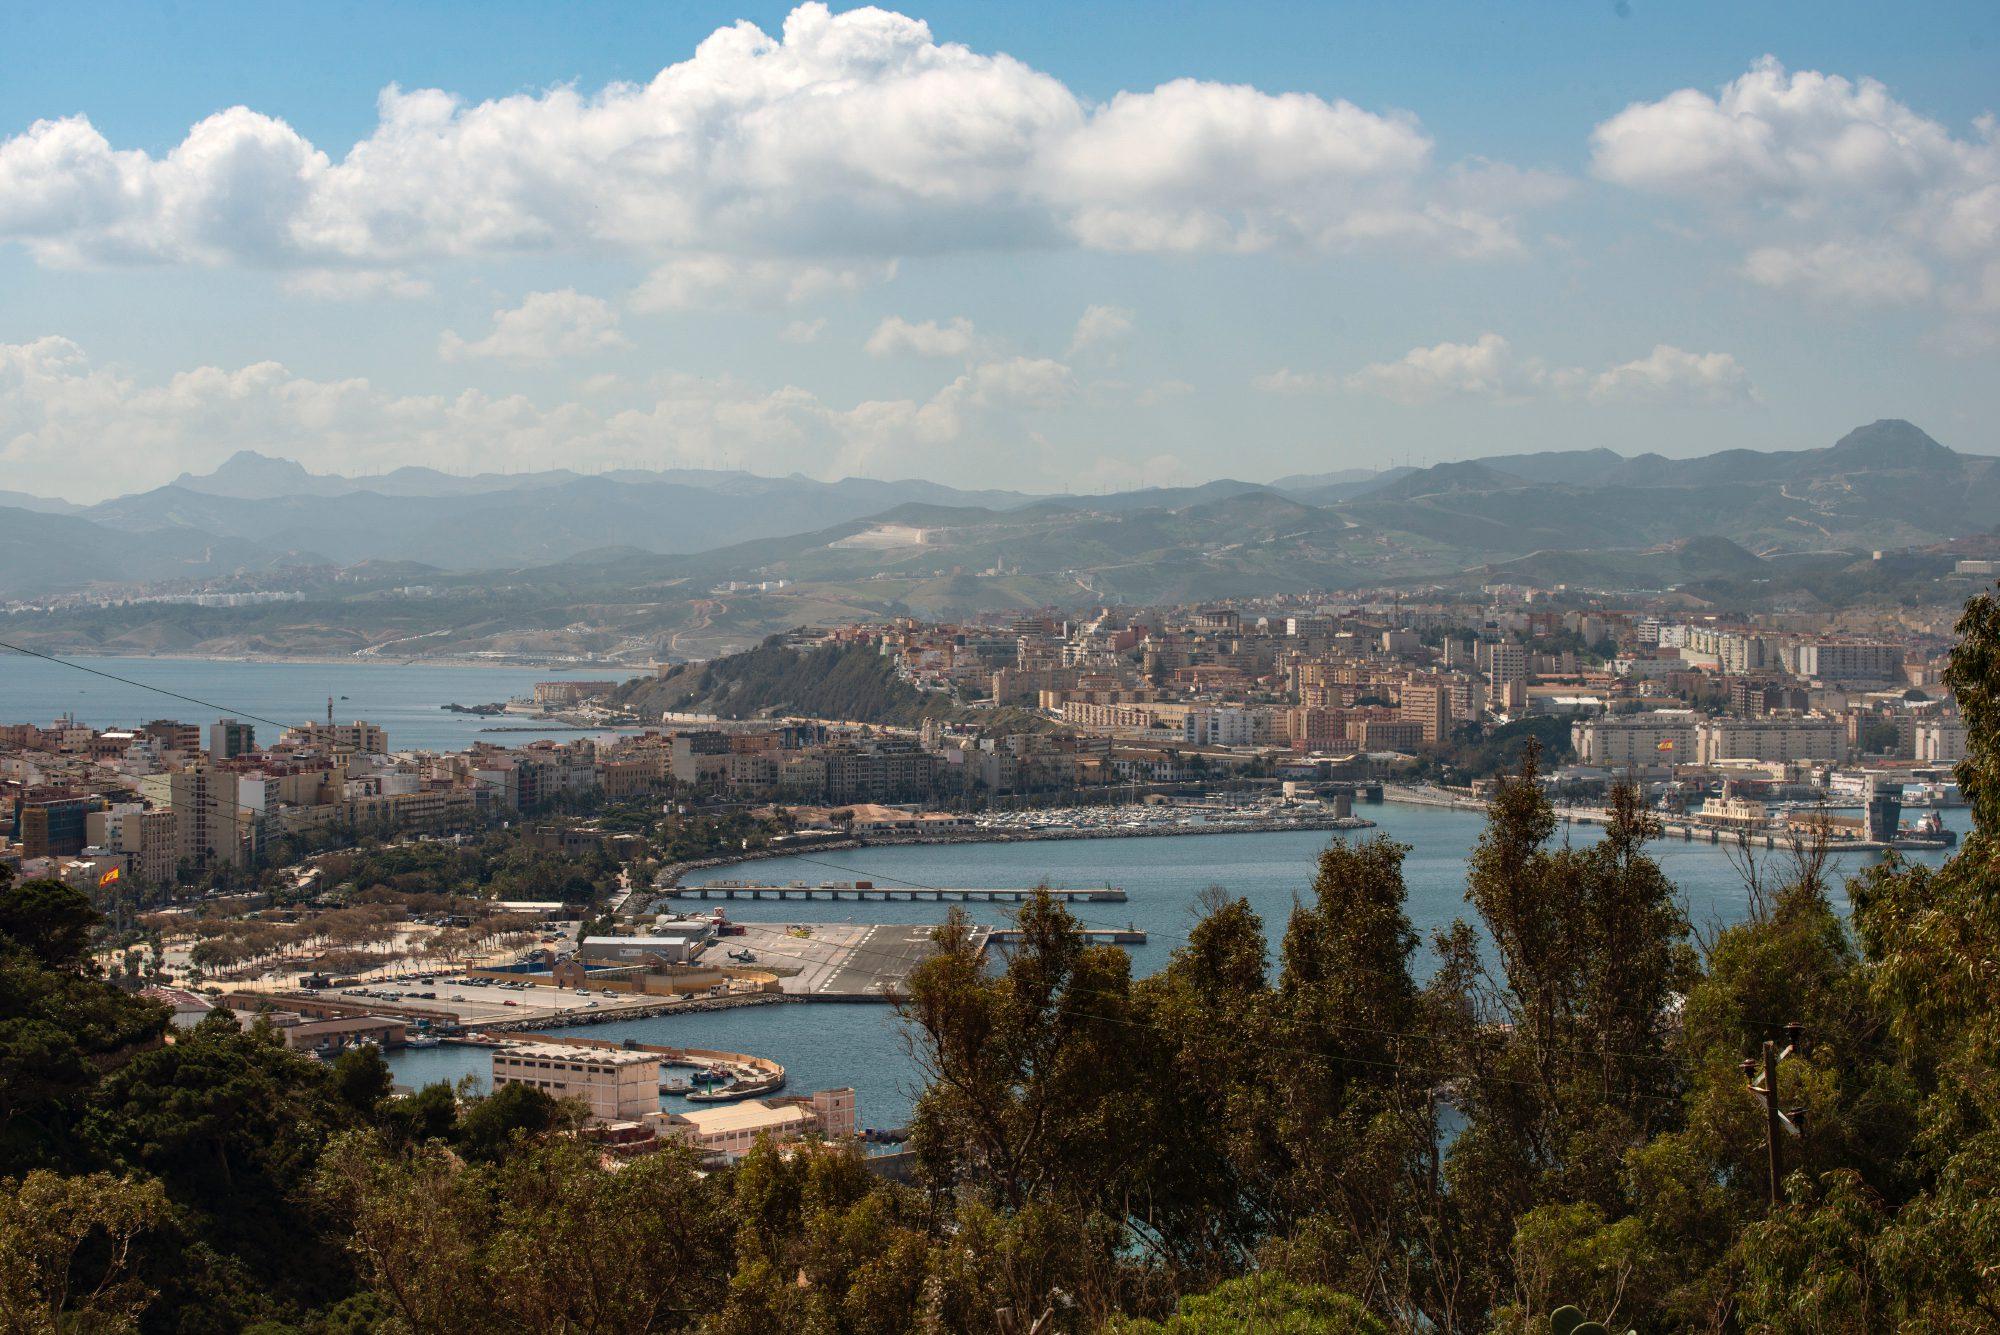 Mirador de Ceuta: San Antonio en el Monte Hacho